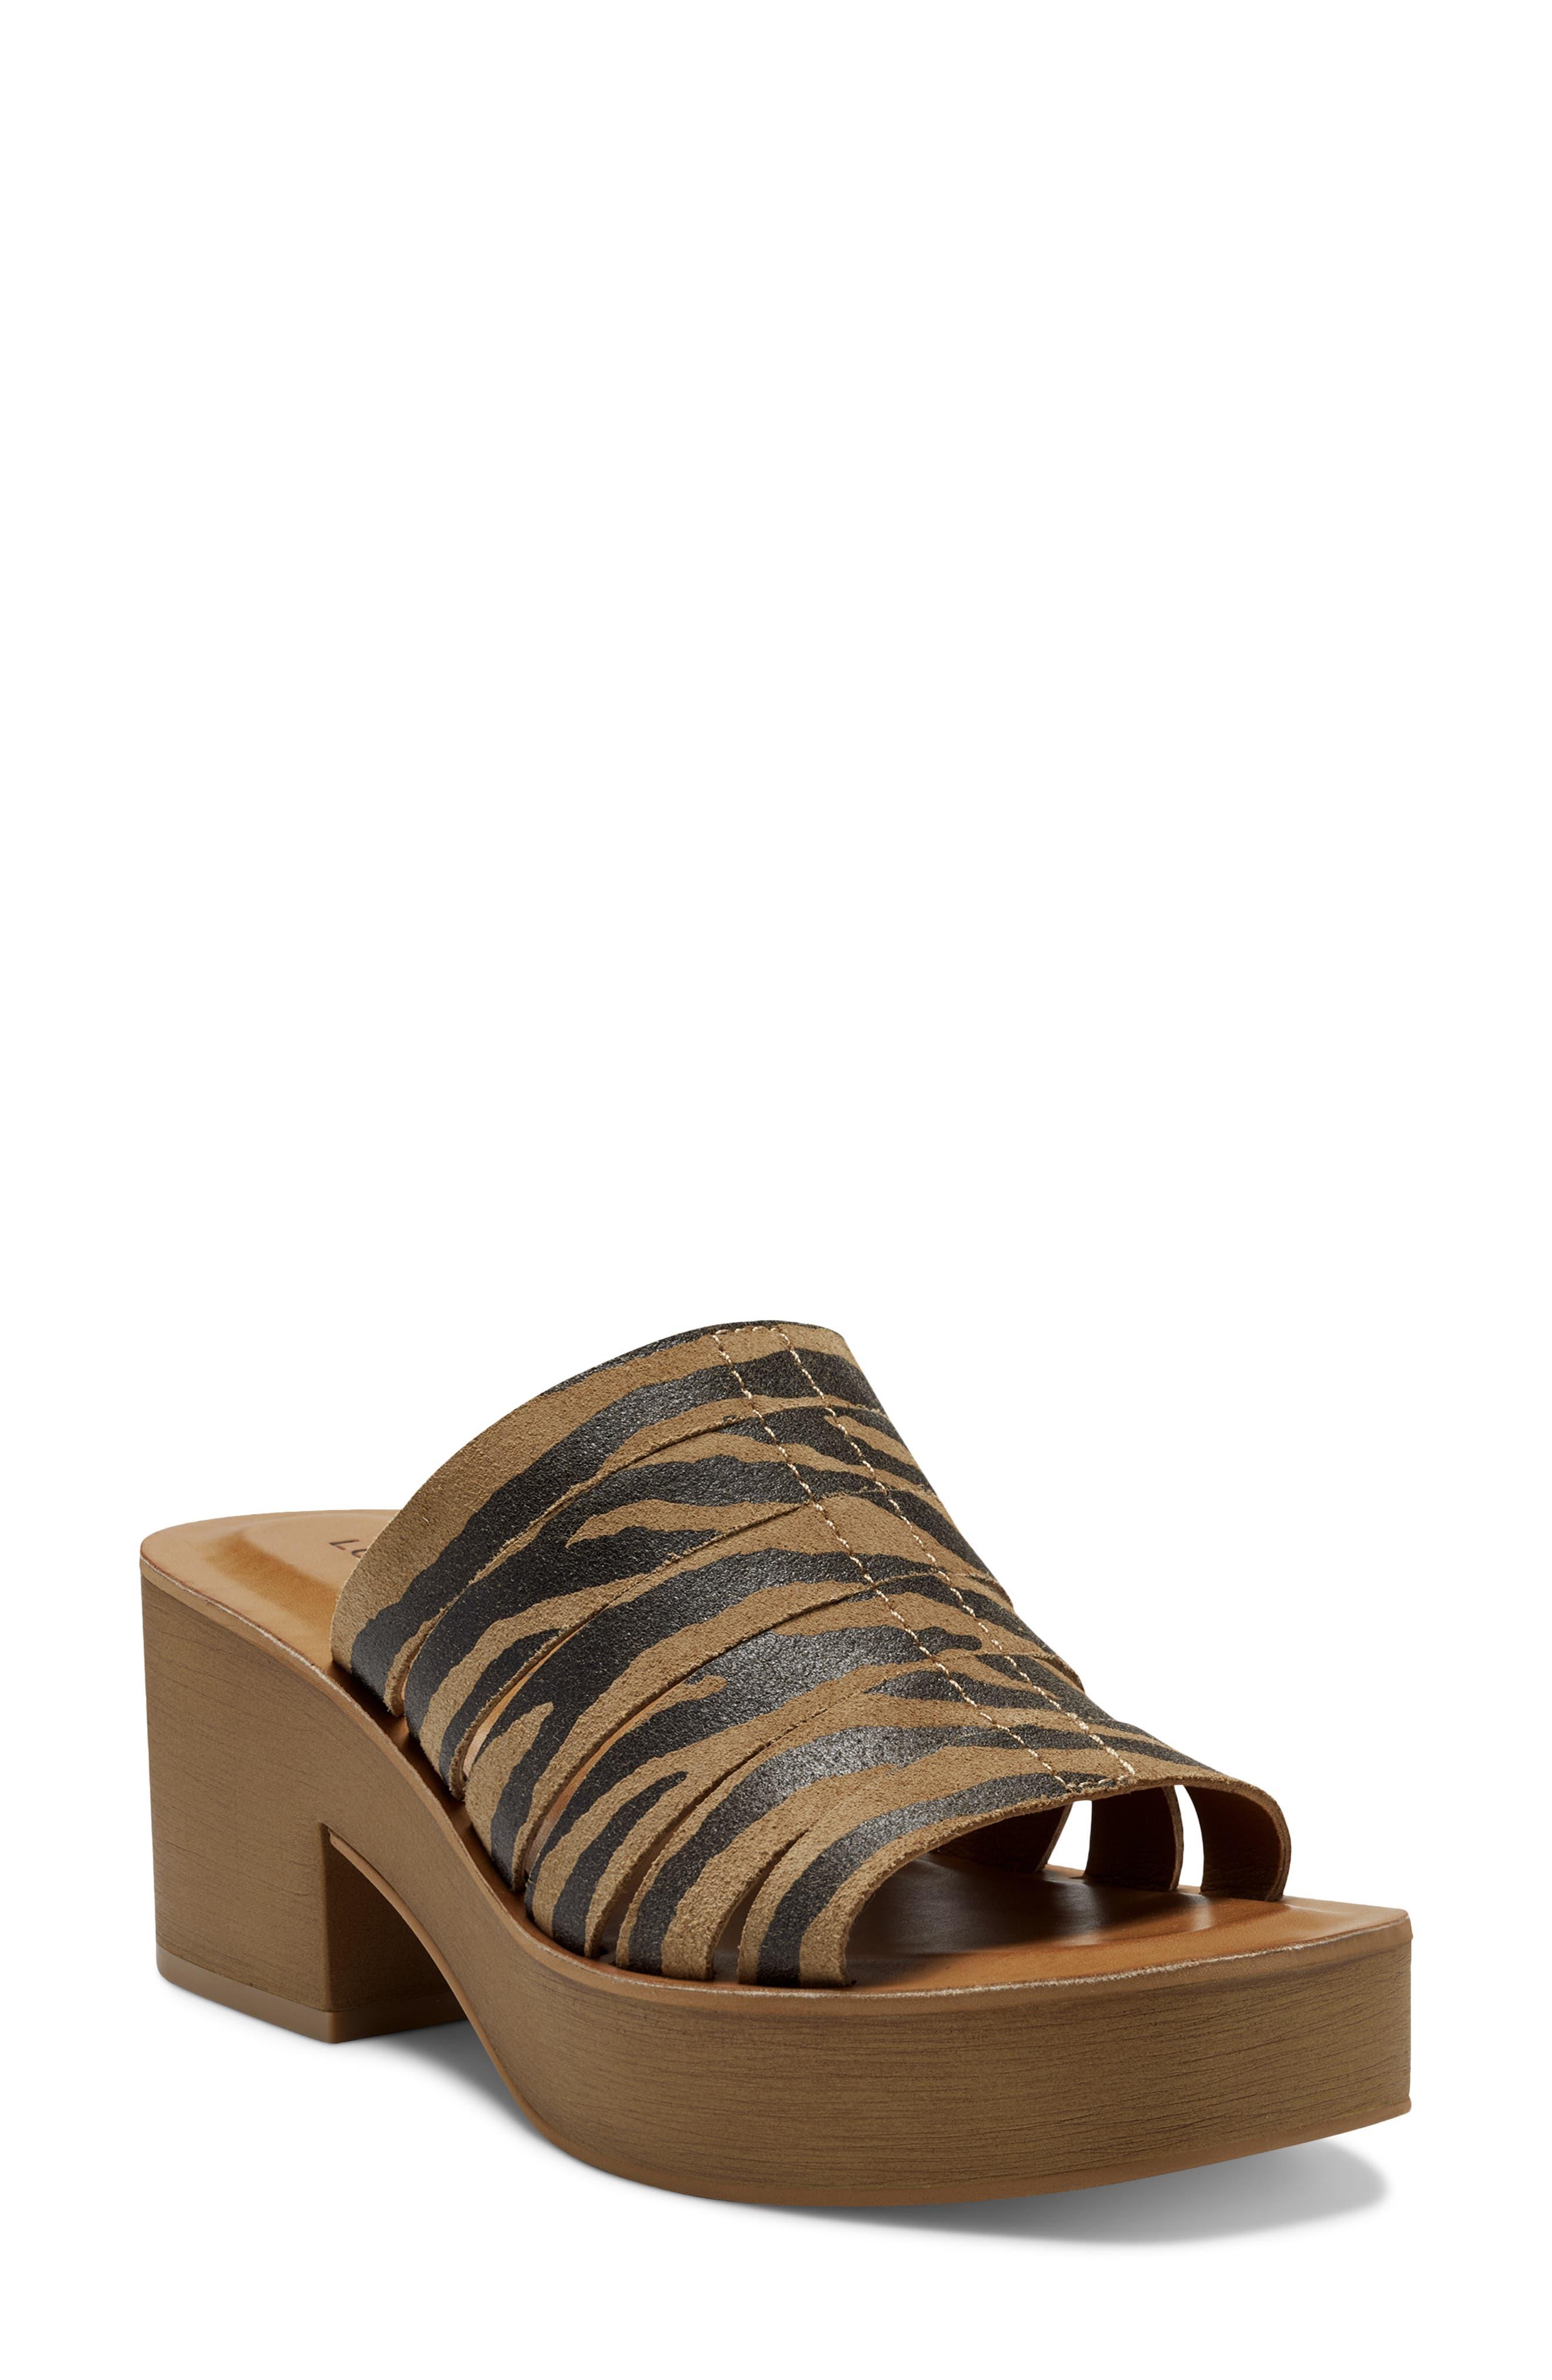 Paydin Platform Slide Sandal